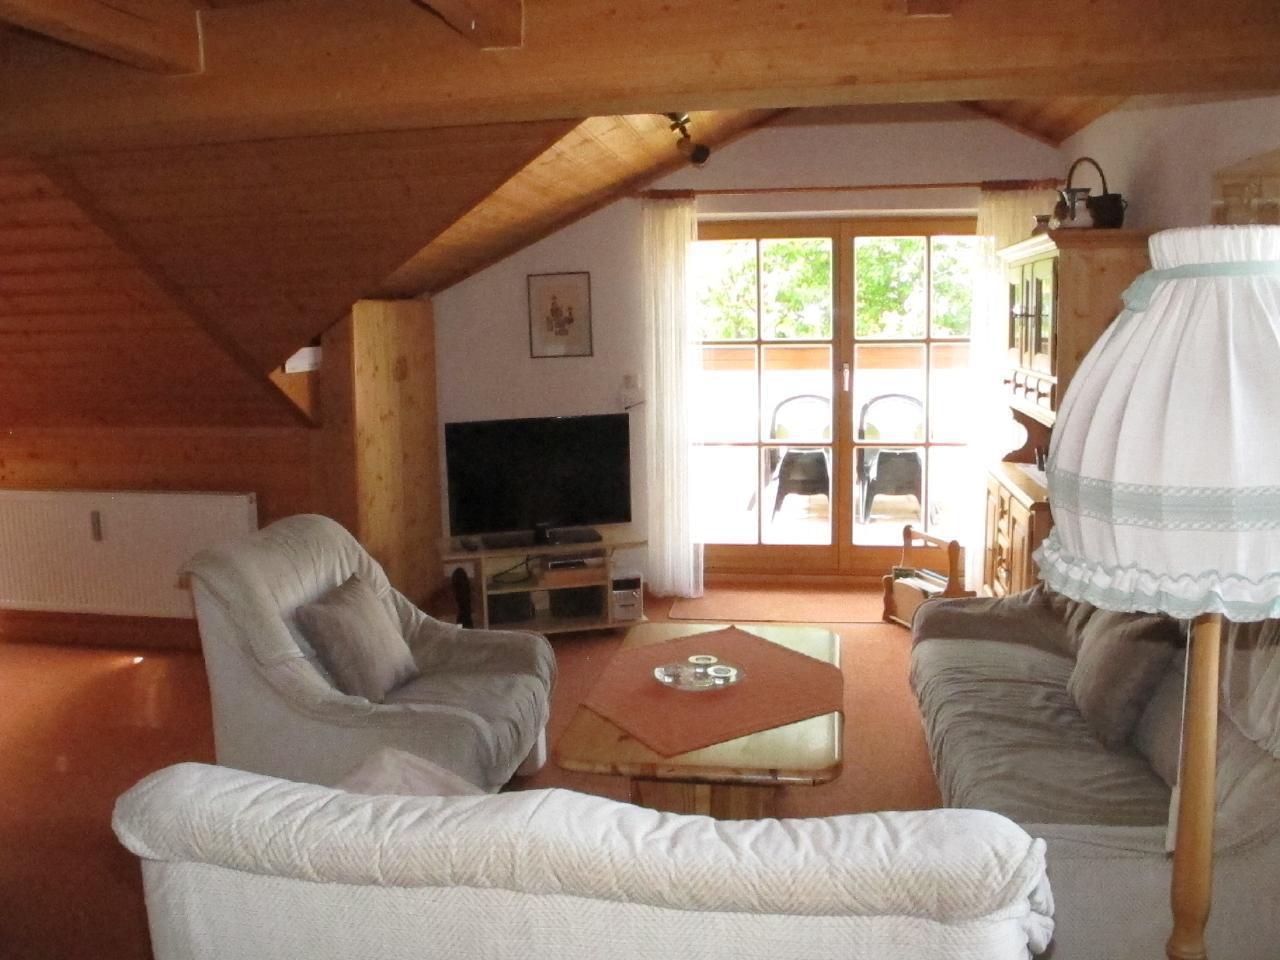 Ferienwohnung Haus Haidweg Wohnung 5 - 3 Zimmer, ca. 90 m² für 2-6 Personen im Dachgeschoss mit Balkon u (238755), Haidmühle, Bayerischer Wald, Bayern, Deutschland, Bild 1